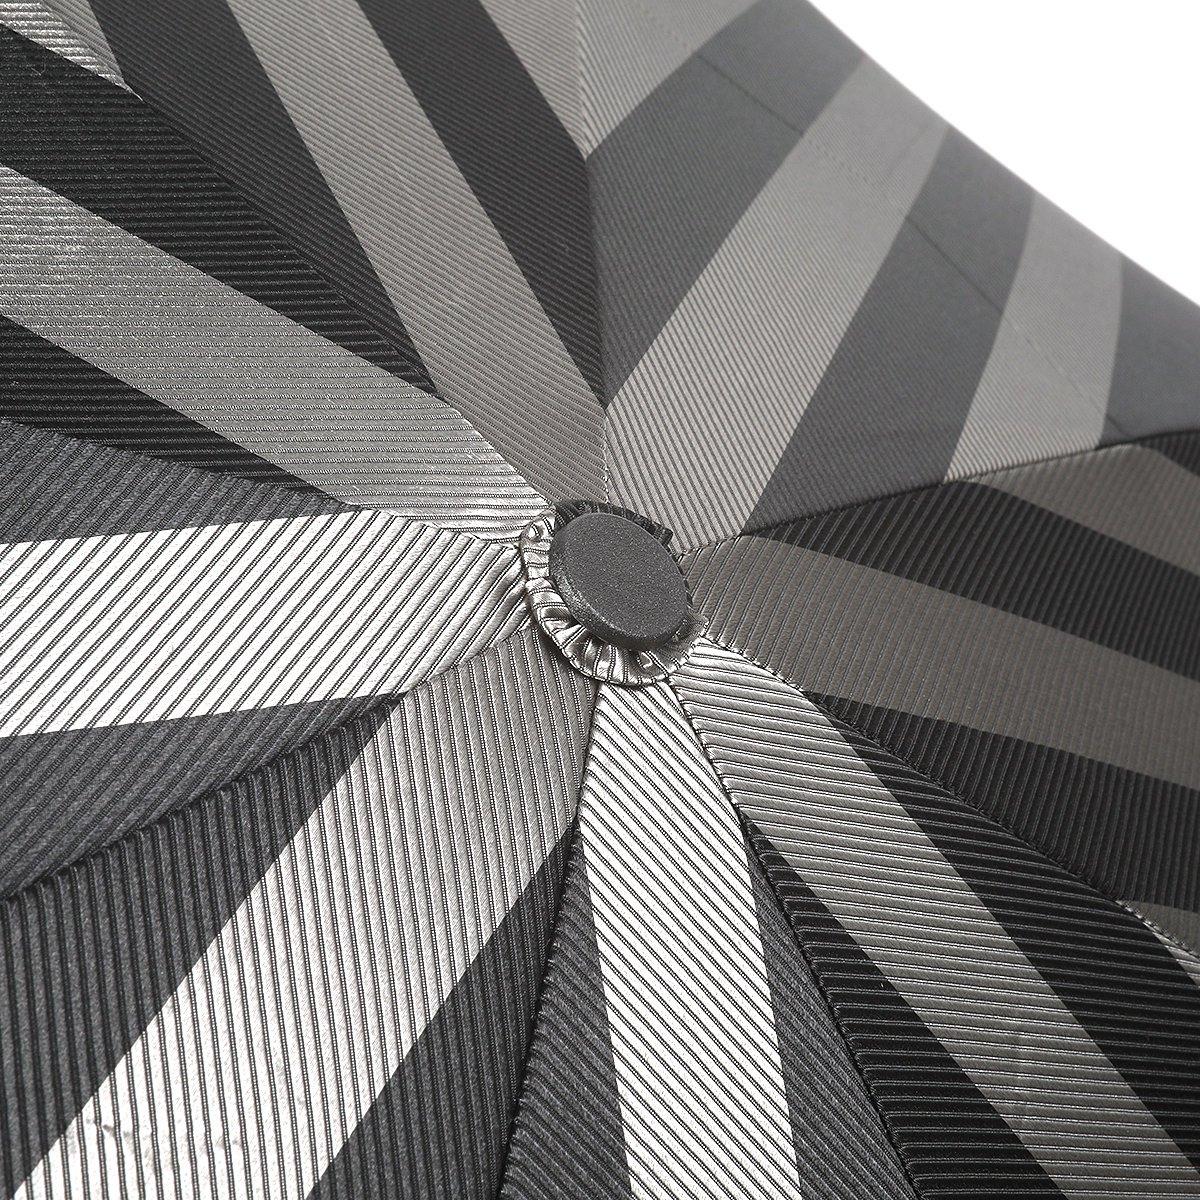 【公式限定】ワイドストライプ 耐風骨 折りたたみ傘 詳細画像5